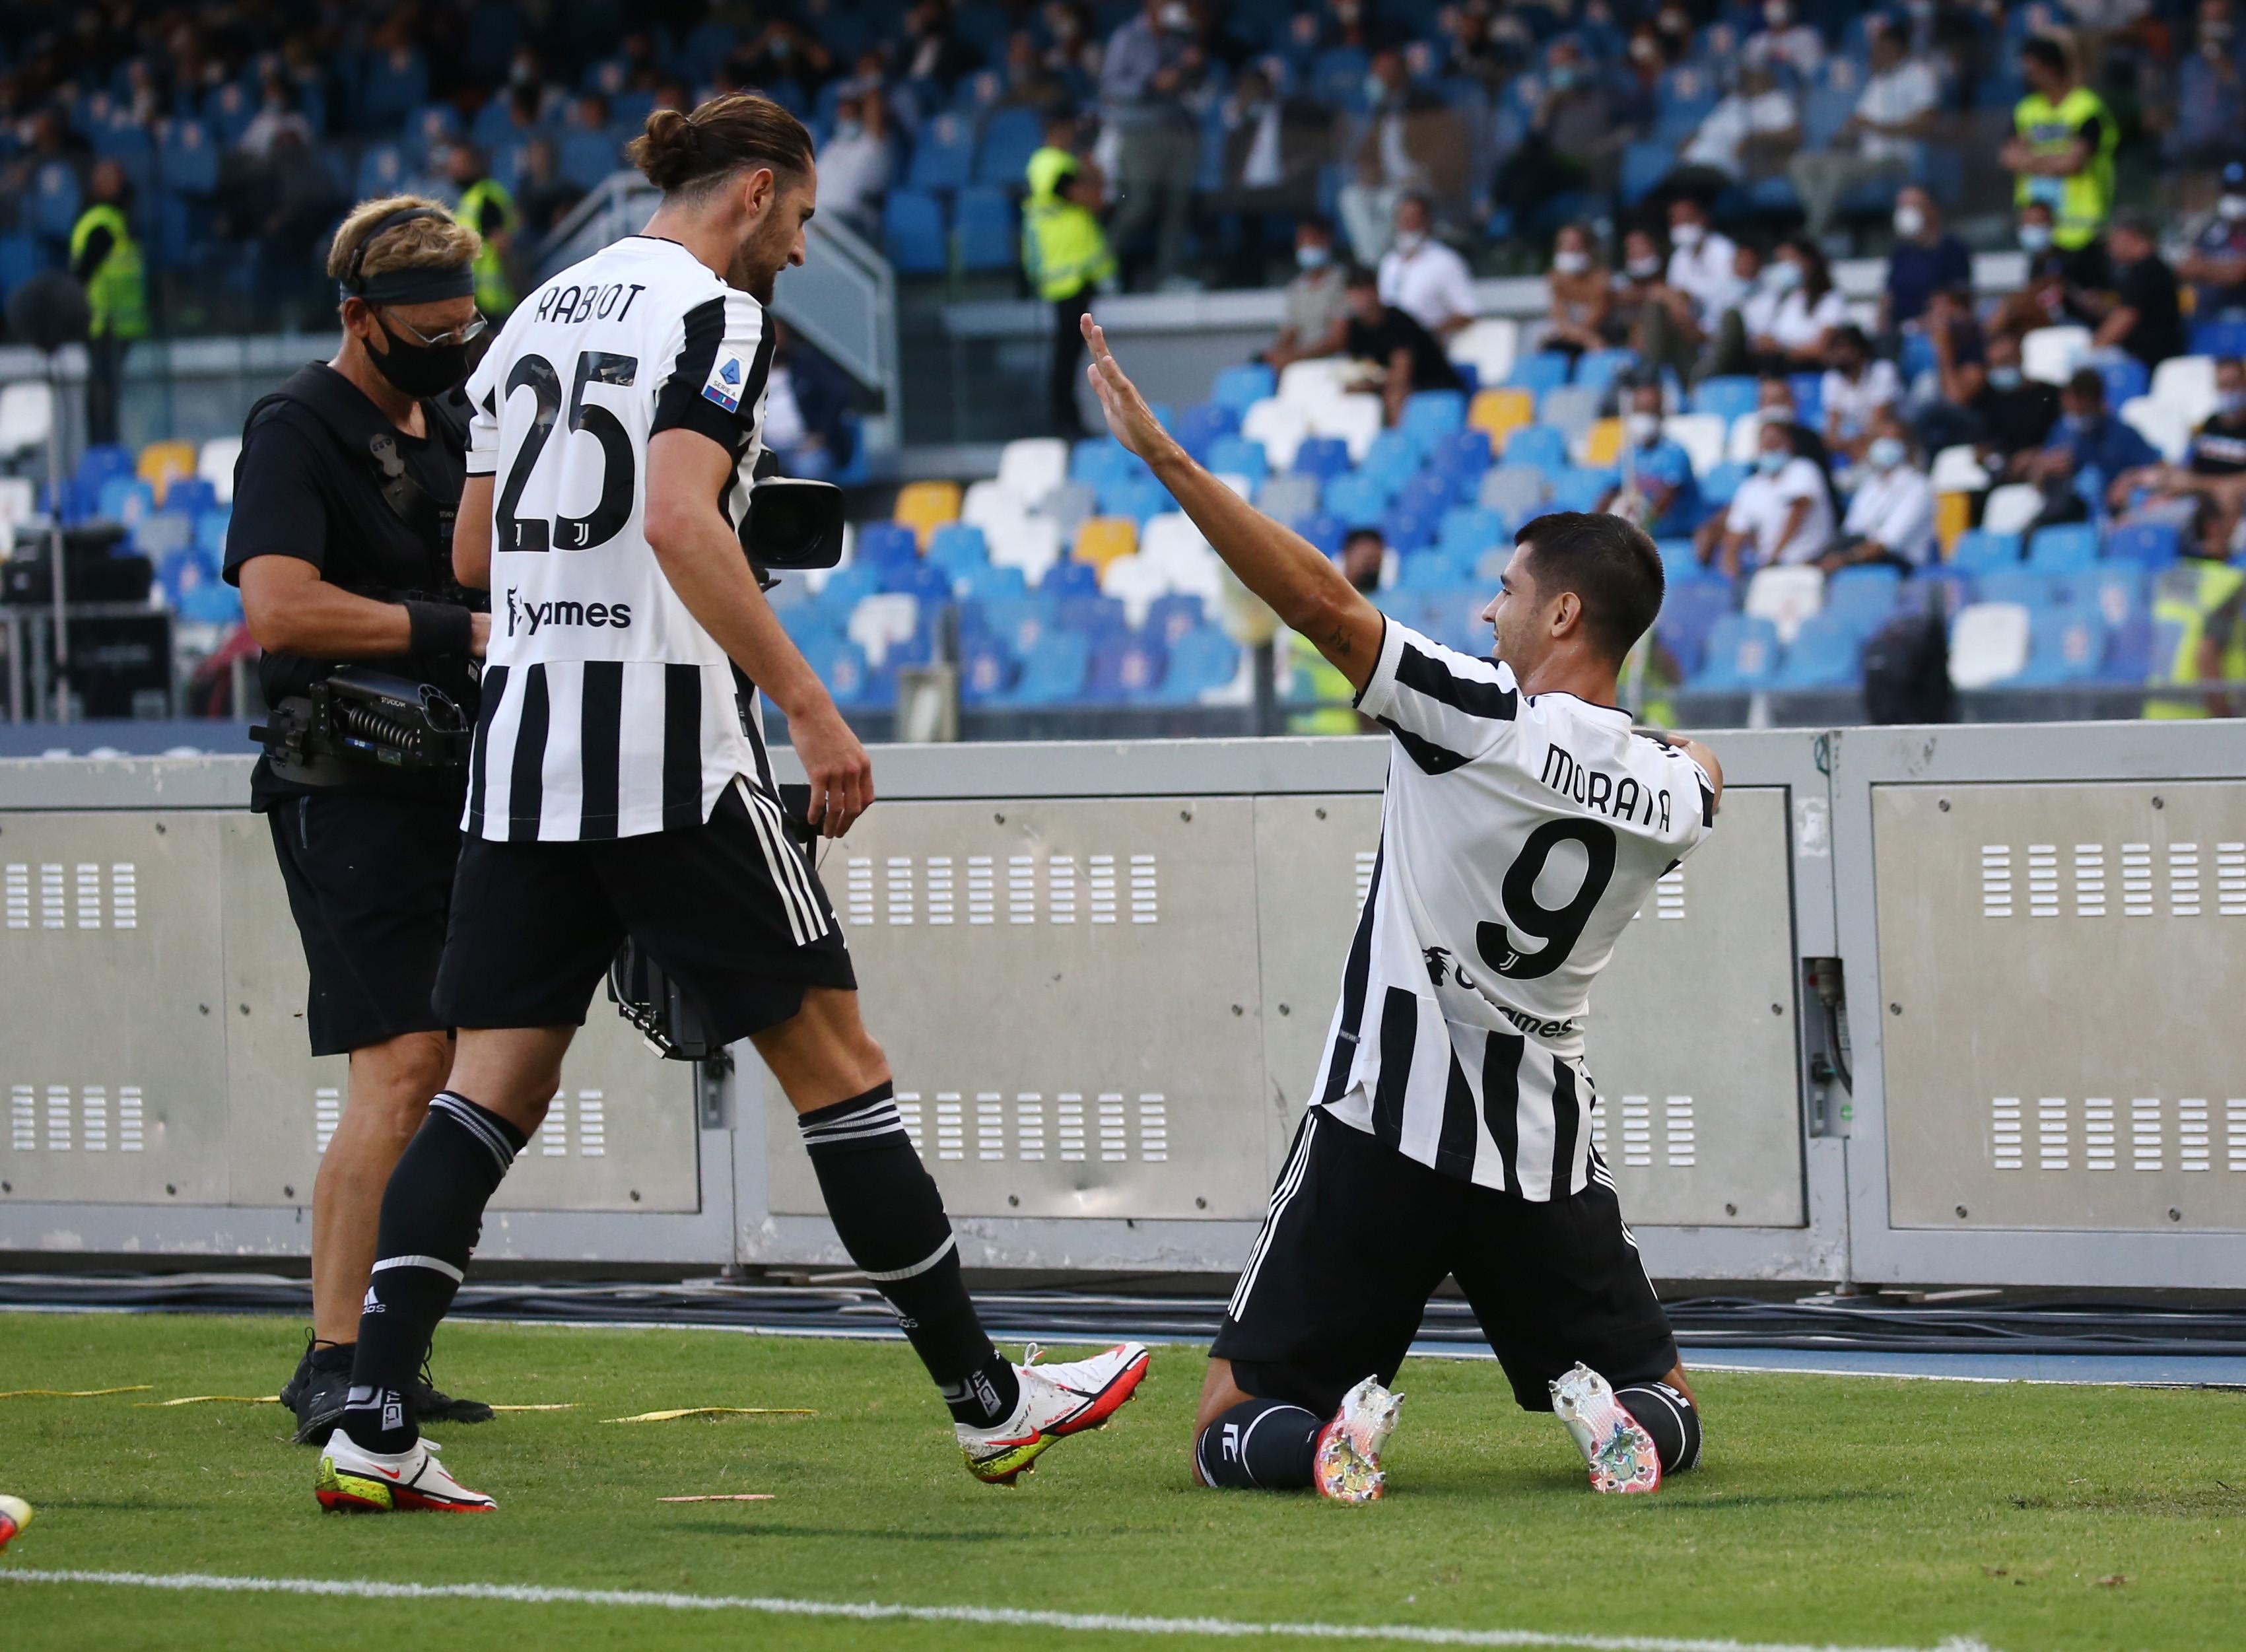 I migliori scatti di Napoli-Juventus 2-1<br /><br />